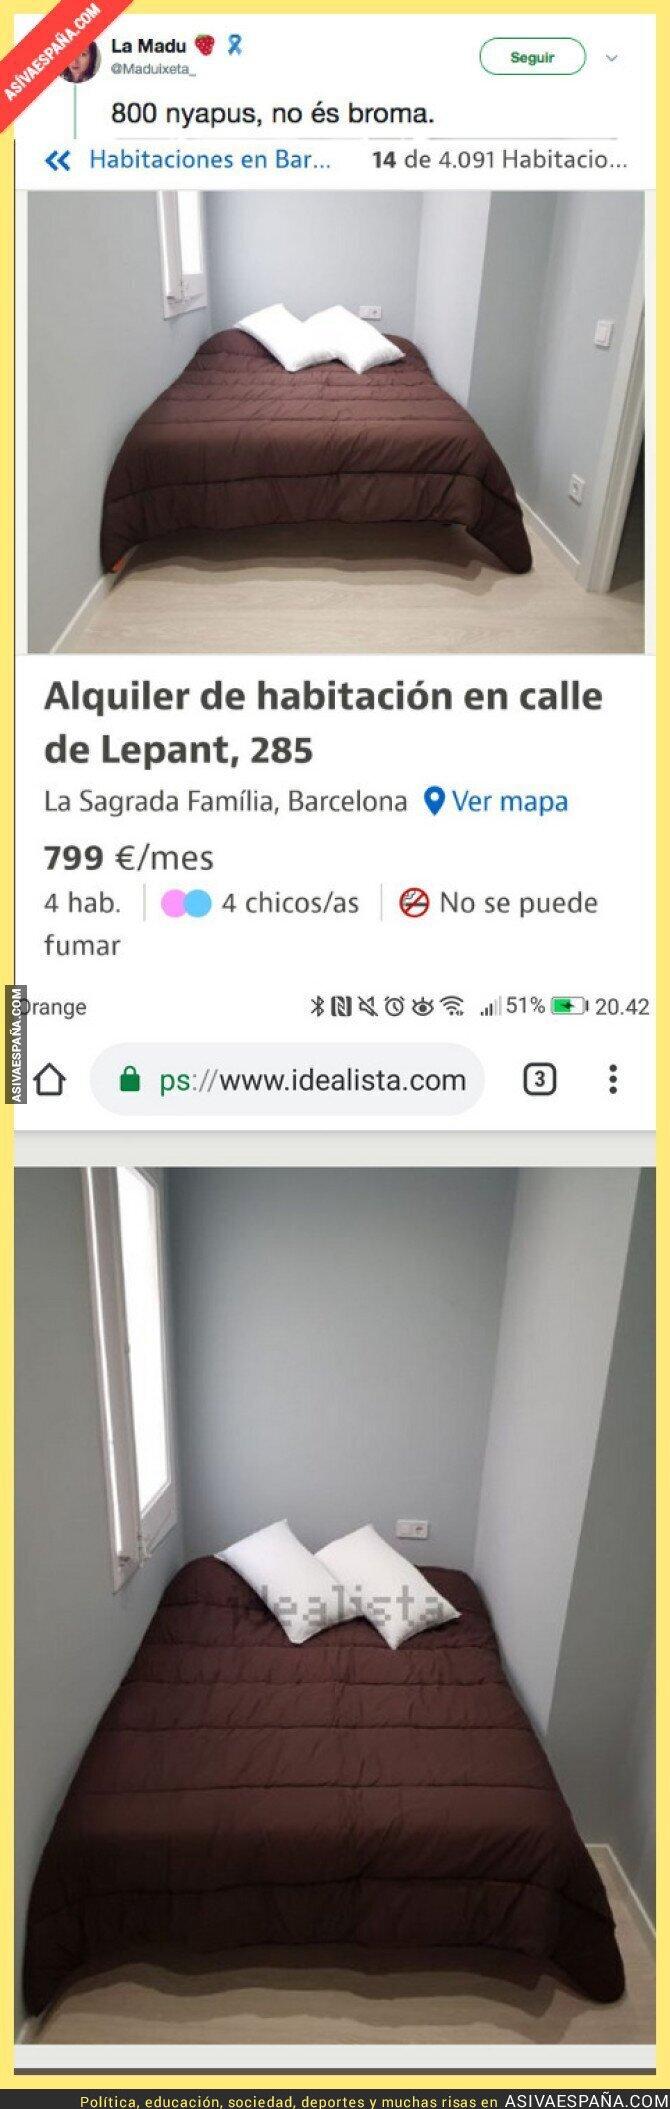 93450 - Hay timos en la vida y luego está intentar alquilar un piso en Barcelona